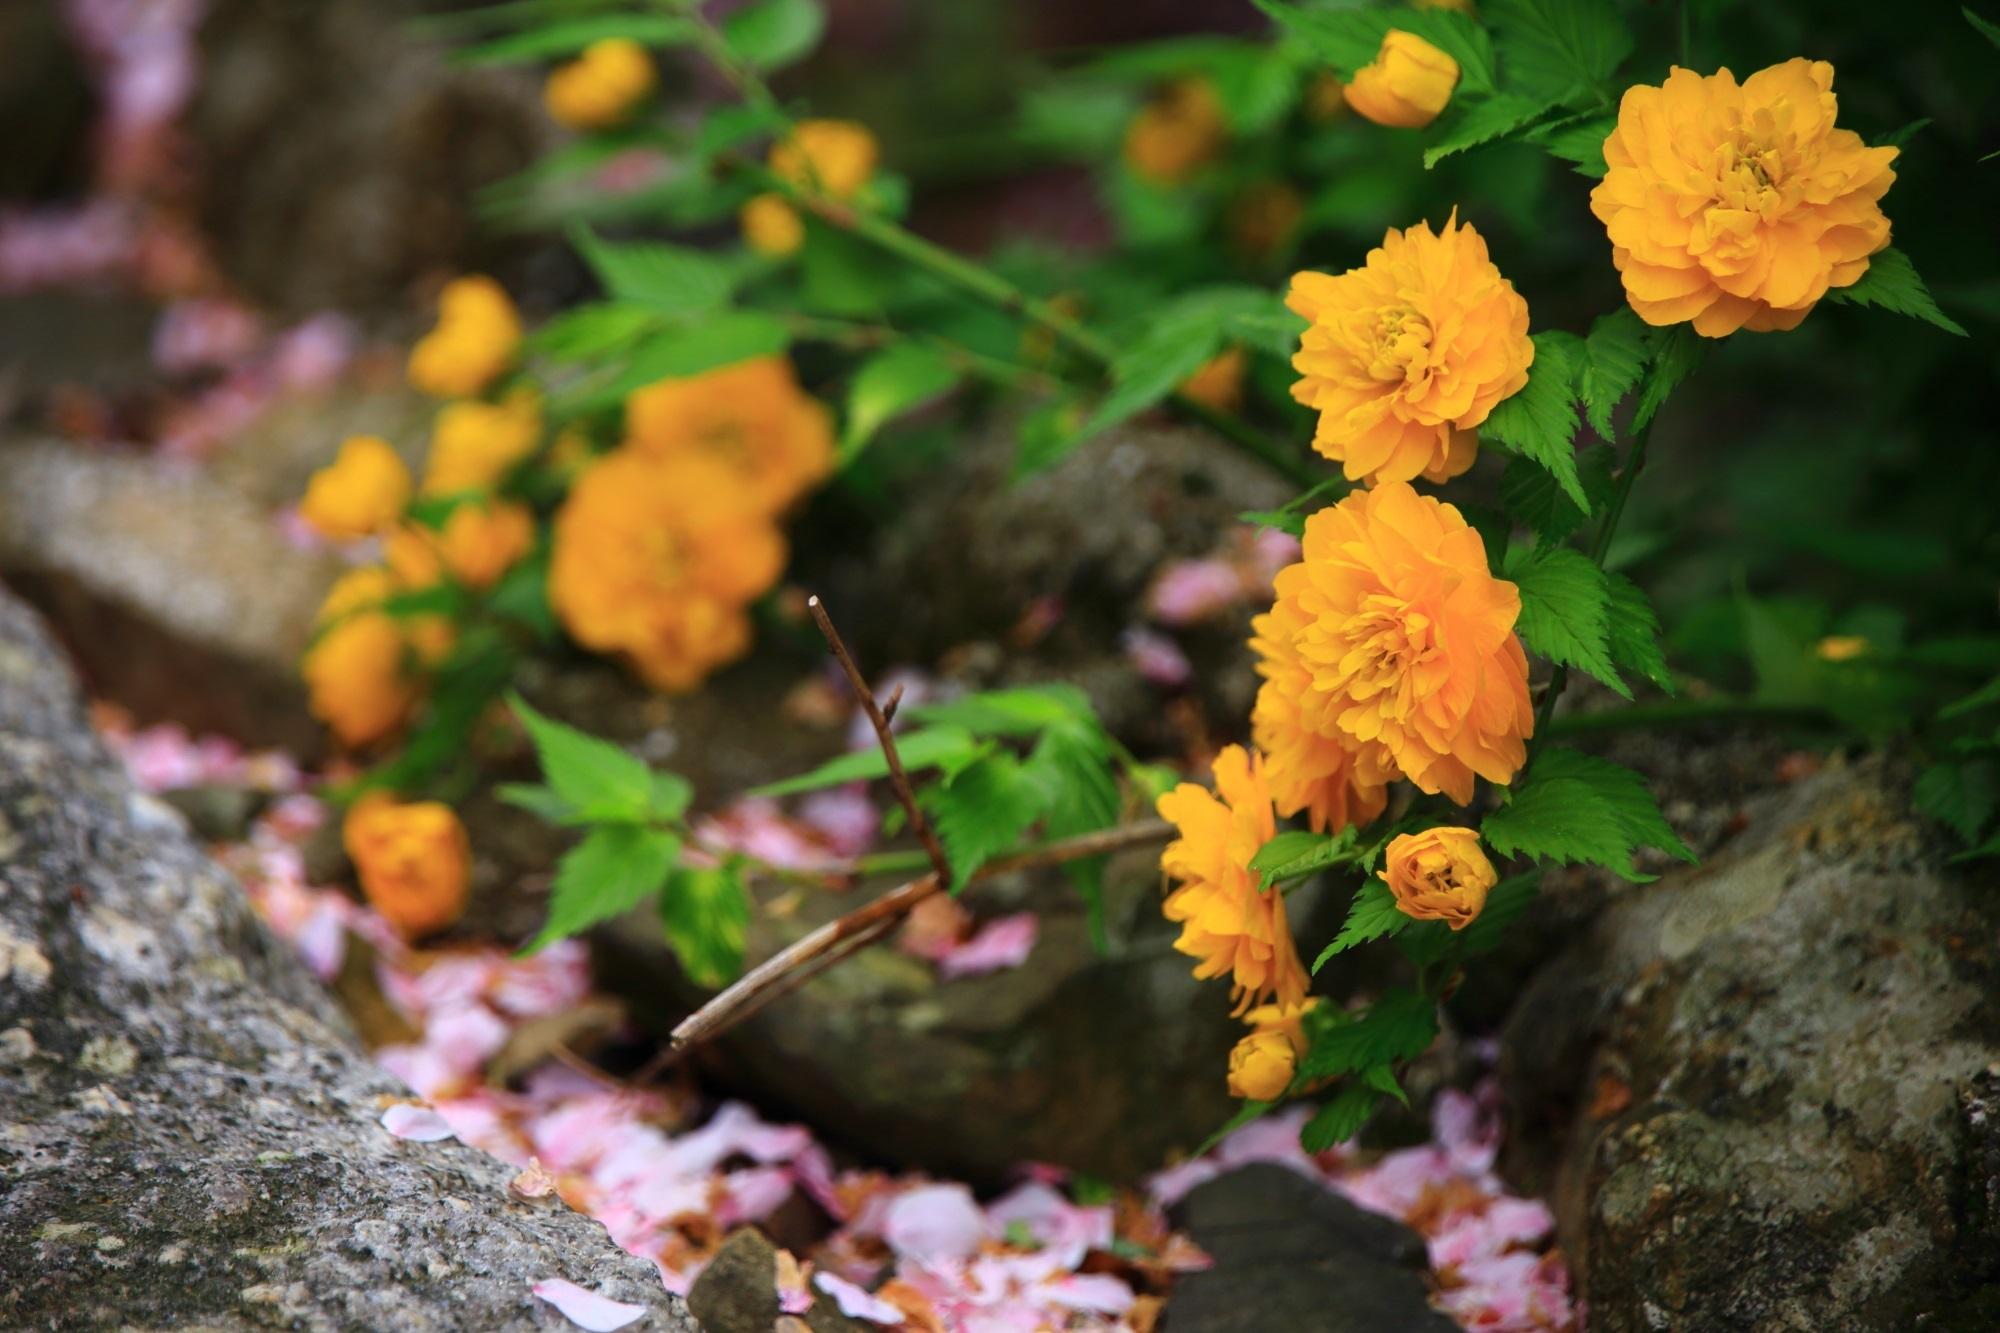 ややオレンジが入った鮮やかな黄色の山吹